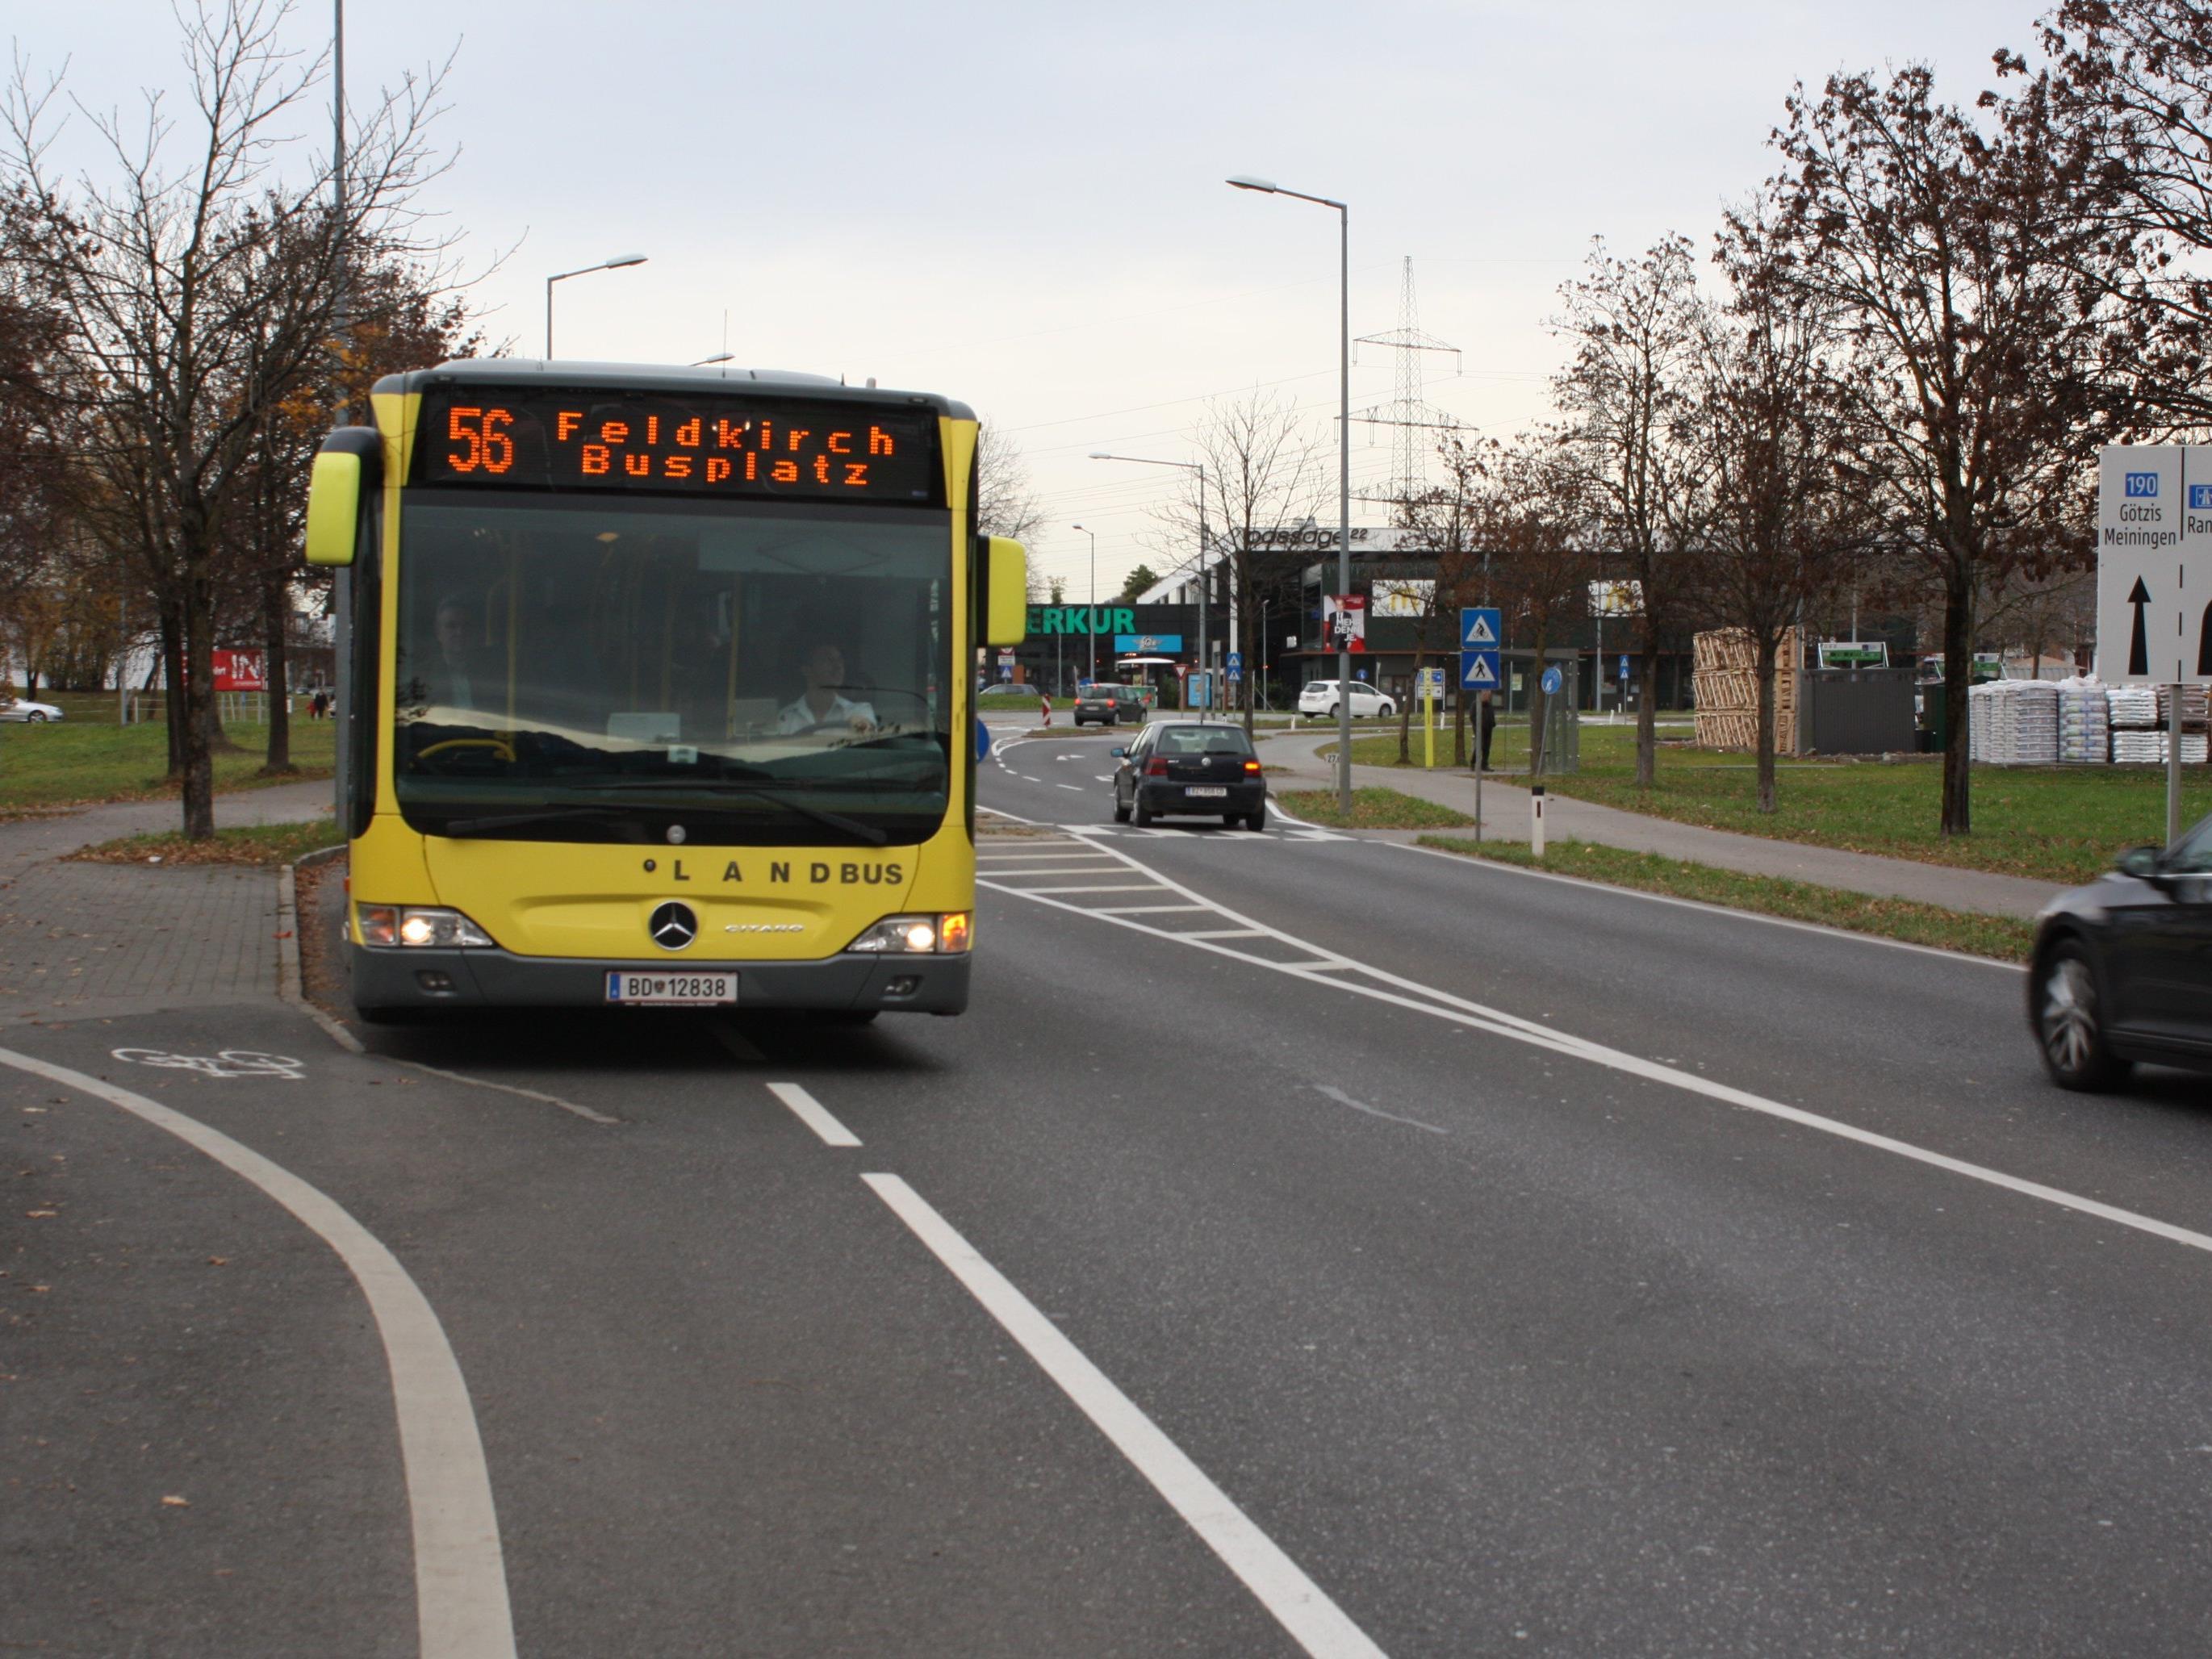 Die neue Linienführung des 56-er-Busses sorgt nach wie vor für Unmut bei so manchen Fahrgästen.